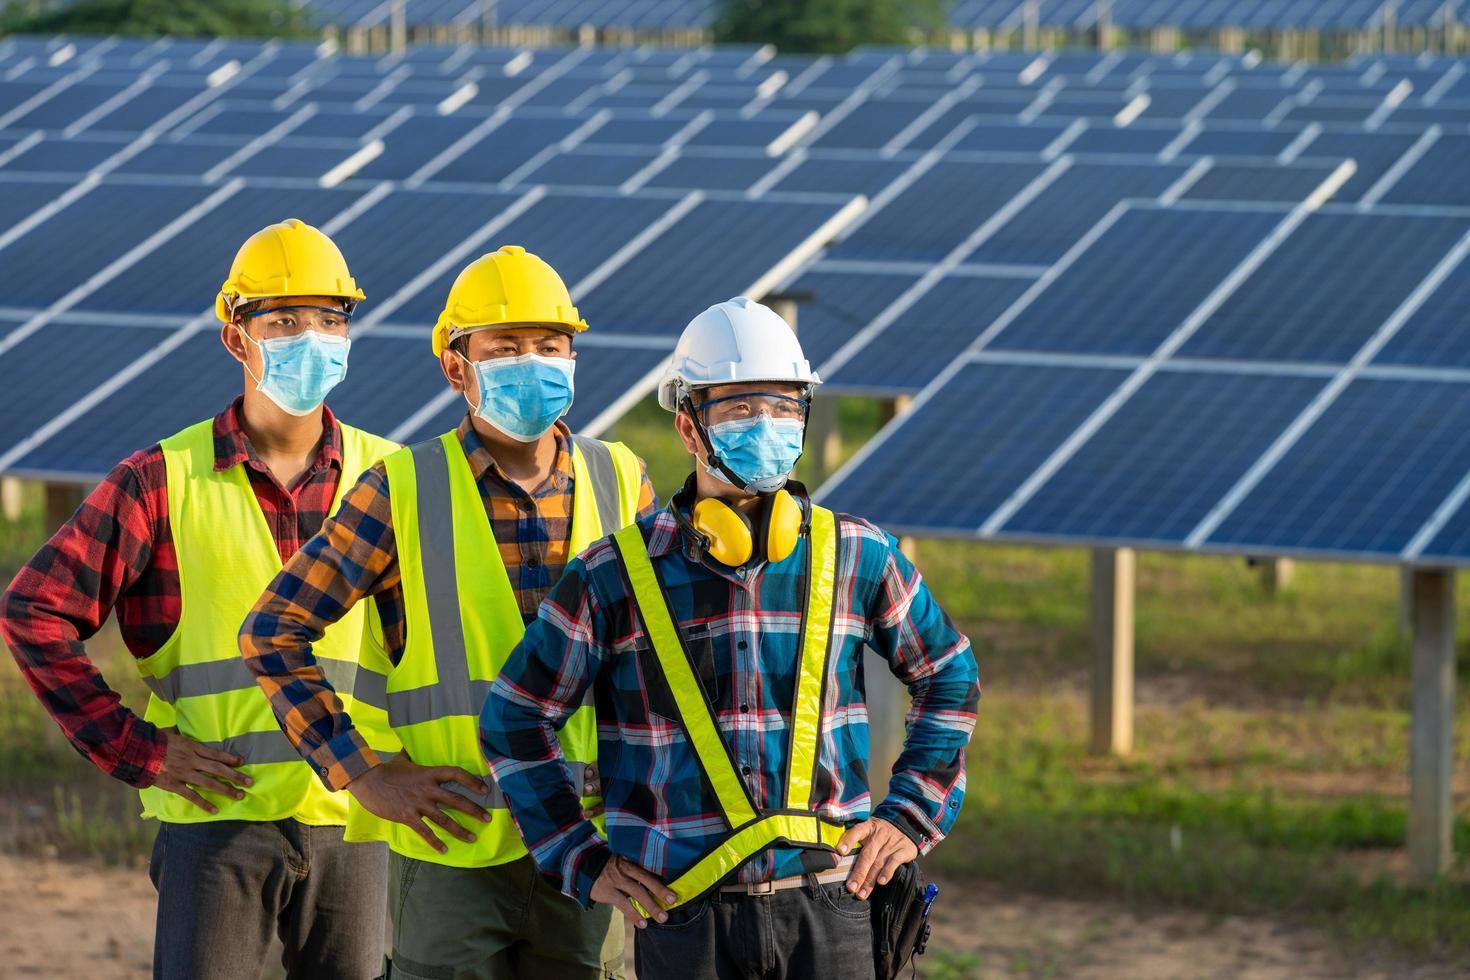 operai mascherati accanto ai pannelli solari foto